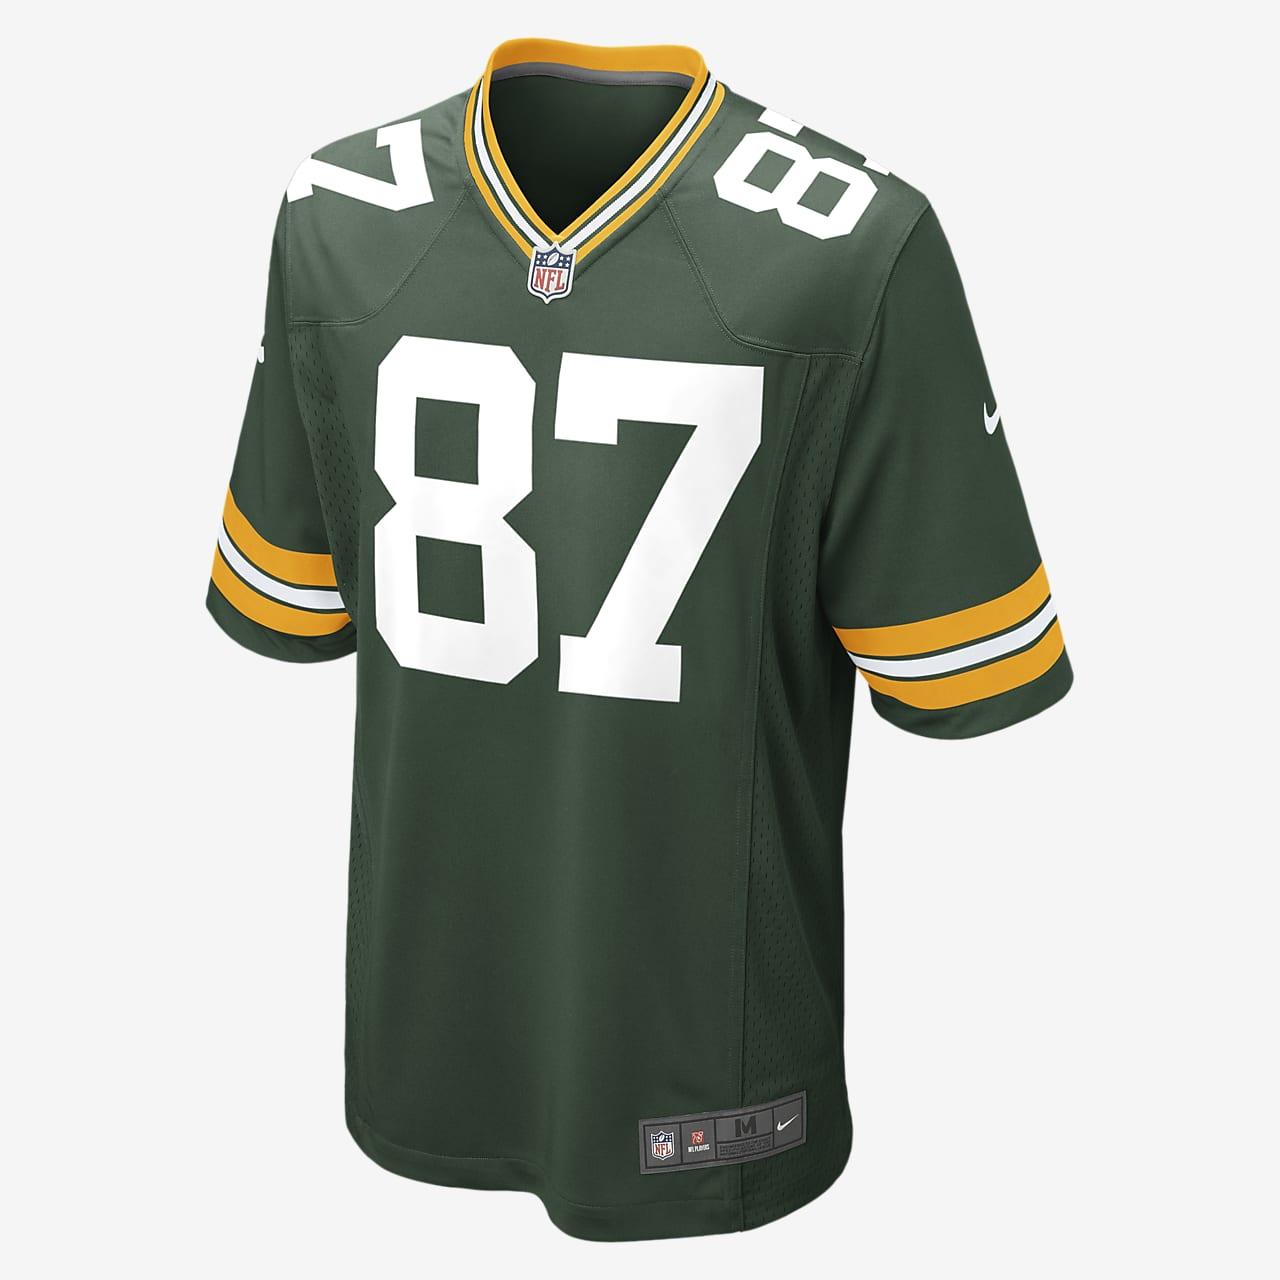 NFL Green Bay Packers (Jordy Nelson) hjemmedrakt til amerikansk fotball for herre